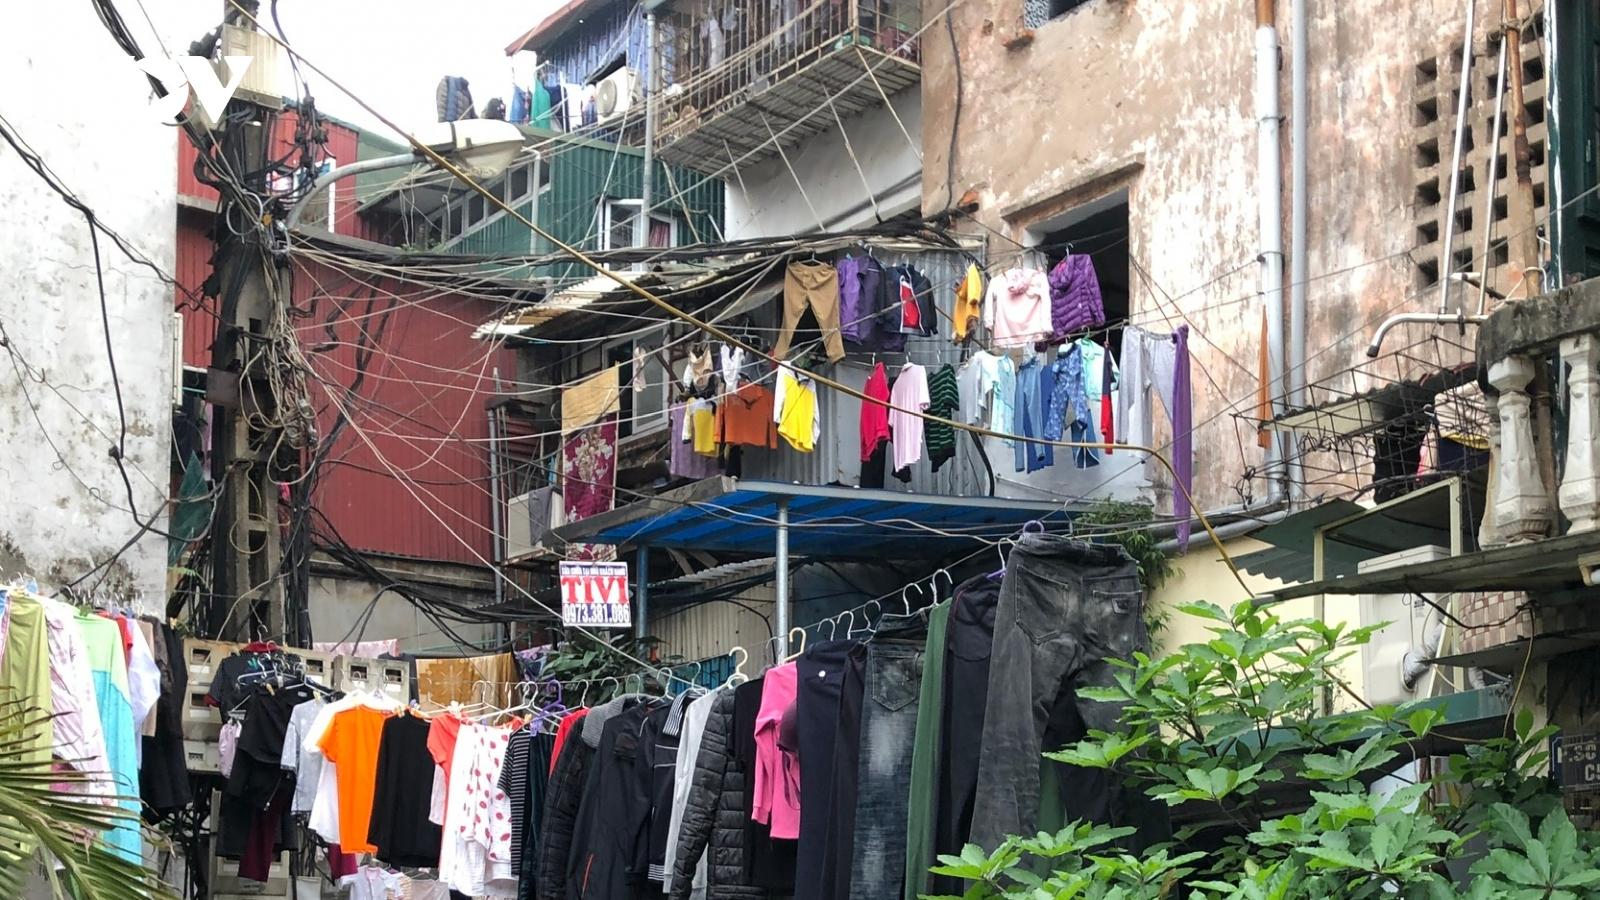 Đề án cải tạo, xây dựng lại chung cư cũ tại Hà Nội được 100% đại biểu biểu quyết thông qua